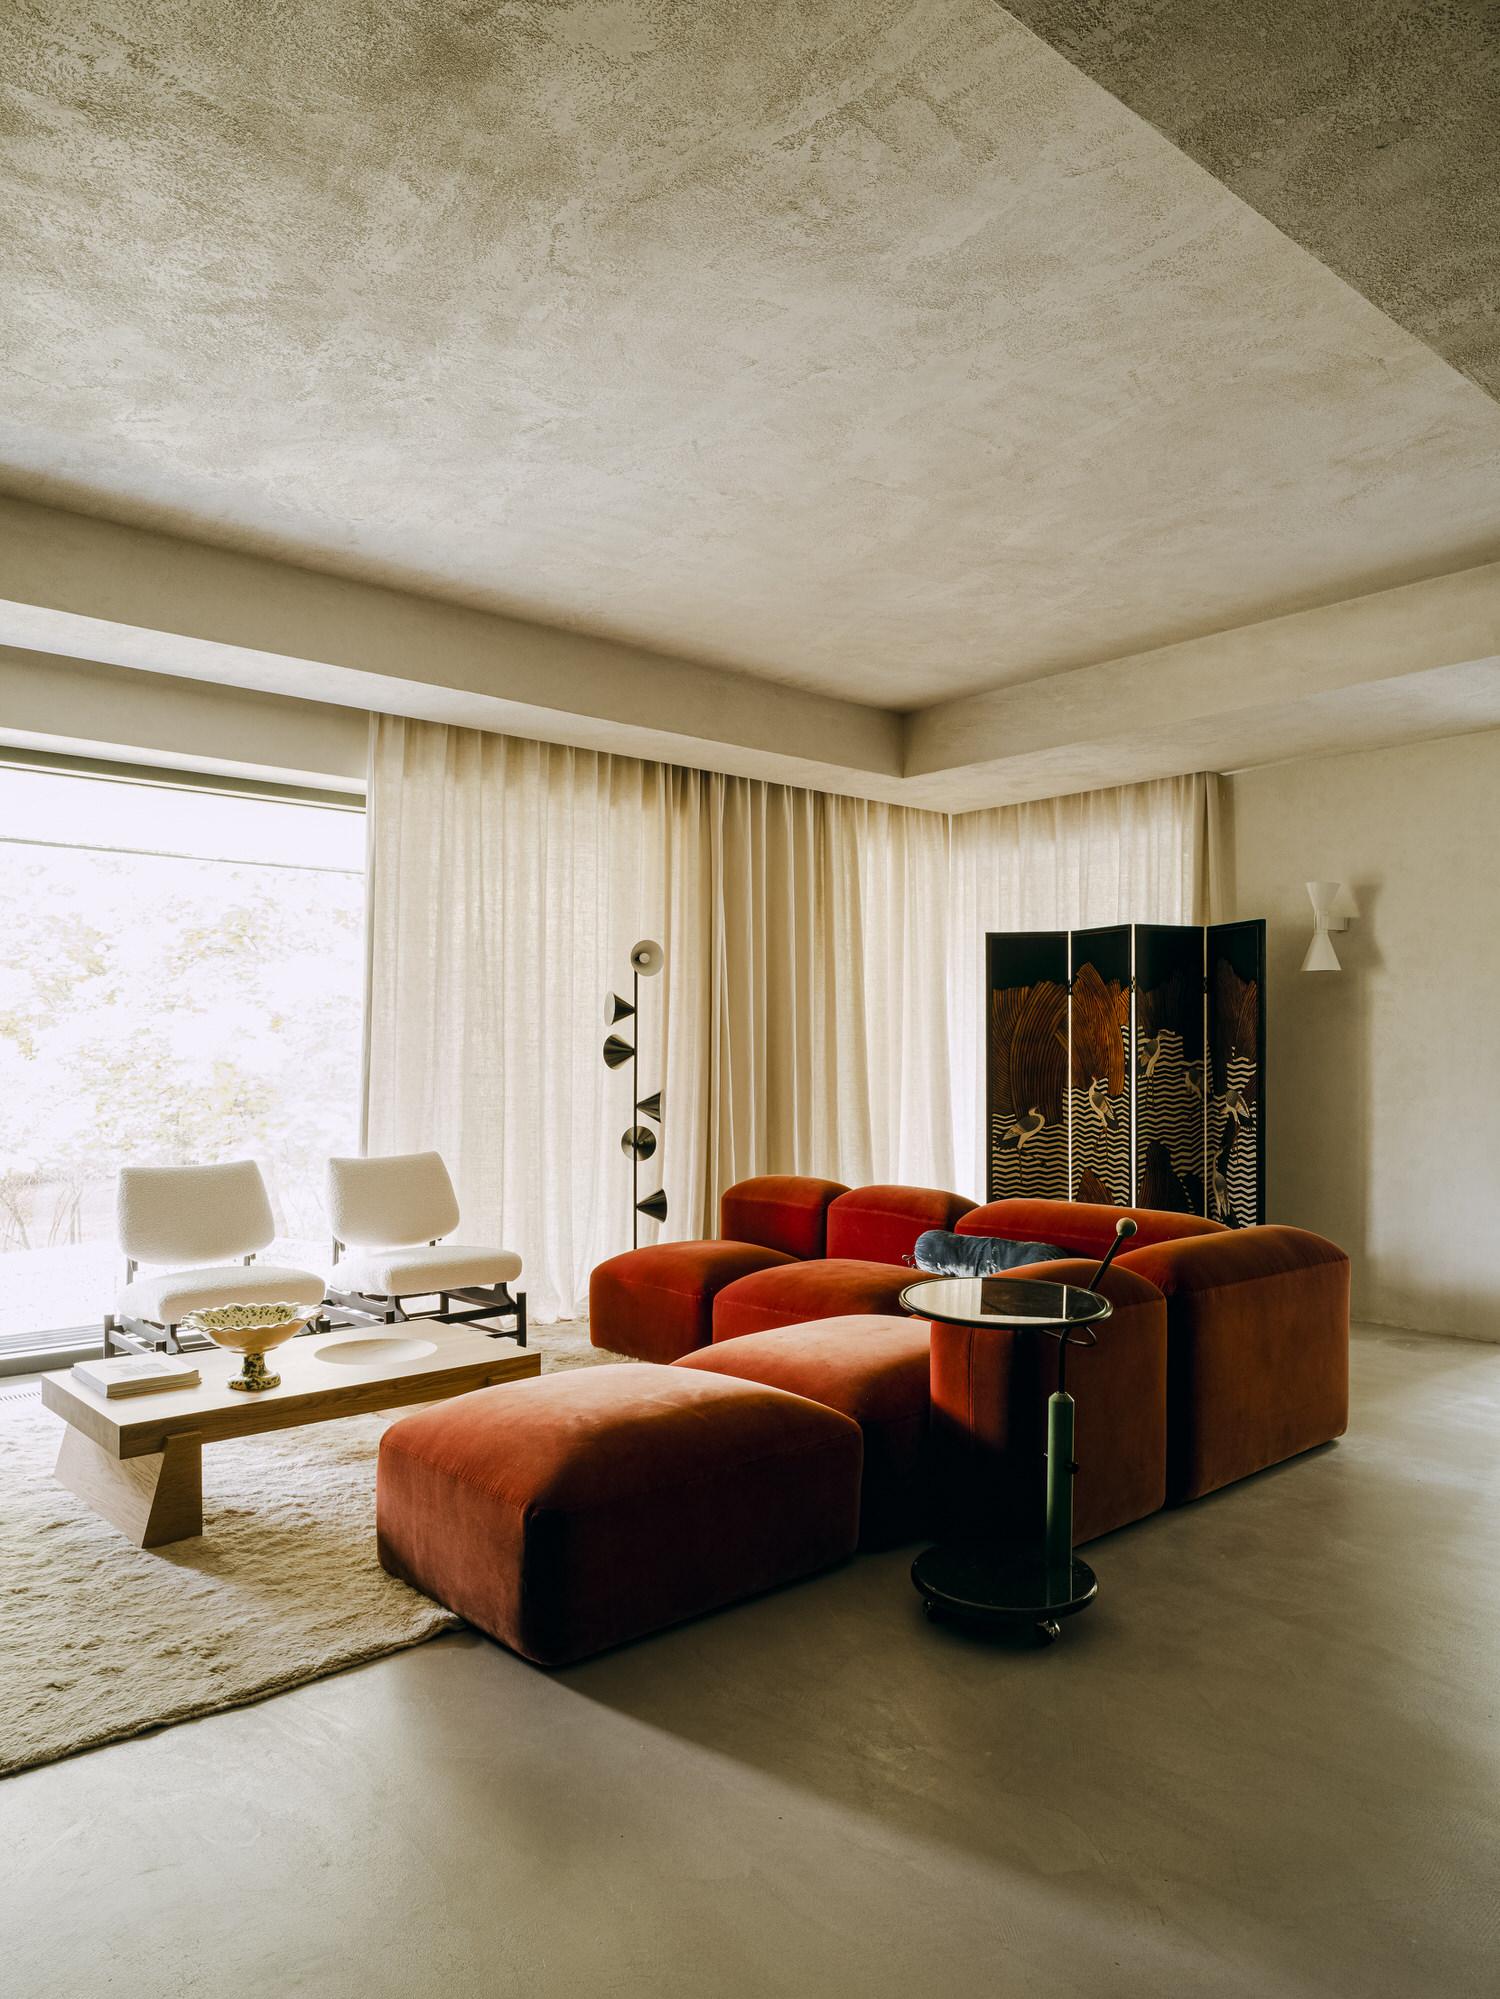 Paradowski Studio Fnl Apartment Warsaw Interiors Photo Pion Studio Yellowtrace 05